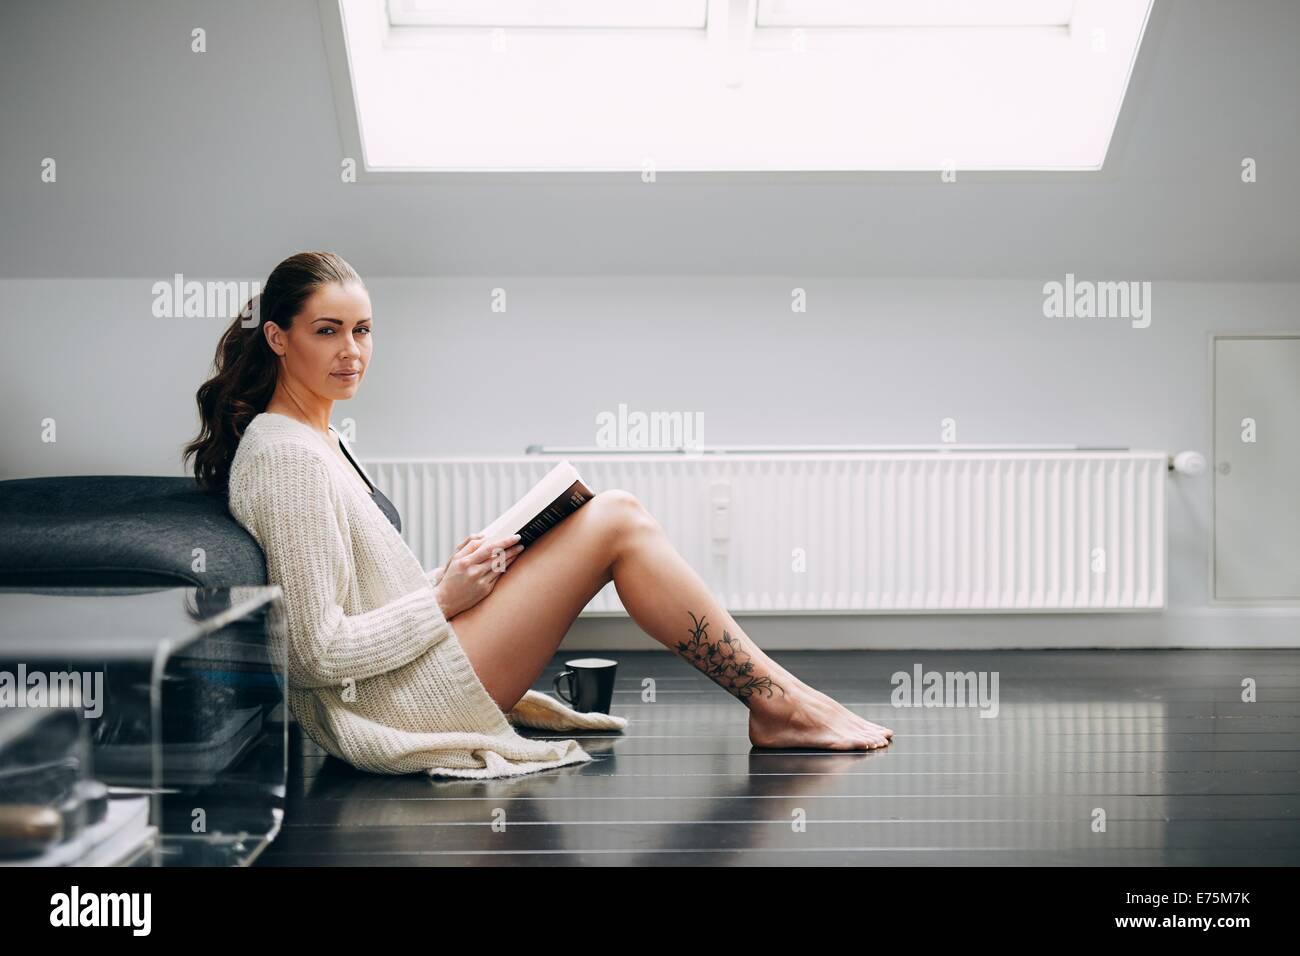 Hermosa morenita mujer leyendo un libro en un sofá. Atractivo modelo femenino sentados en el suelo con un libro Imagen De Stock